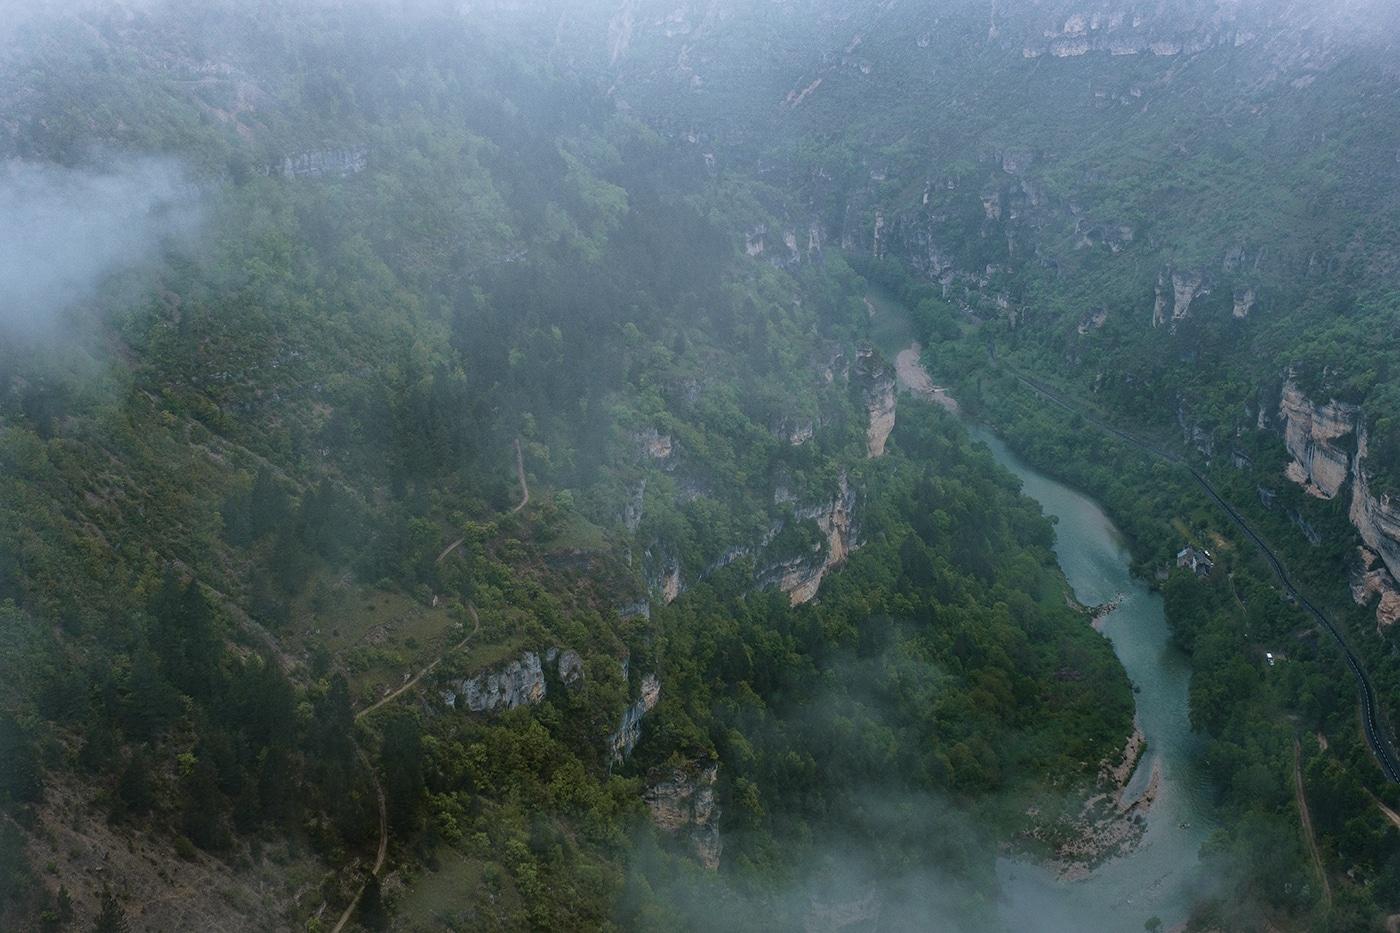 Gorges du Tarn paysage Lozère